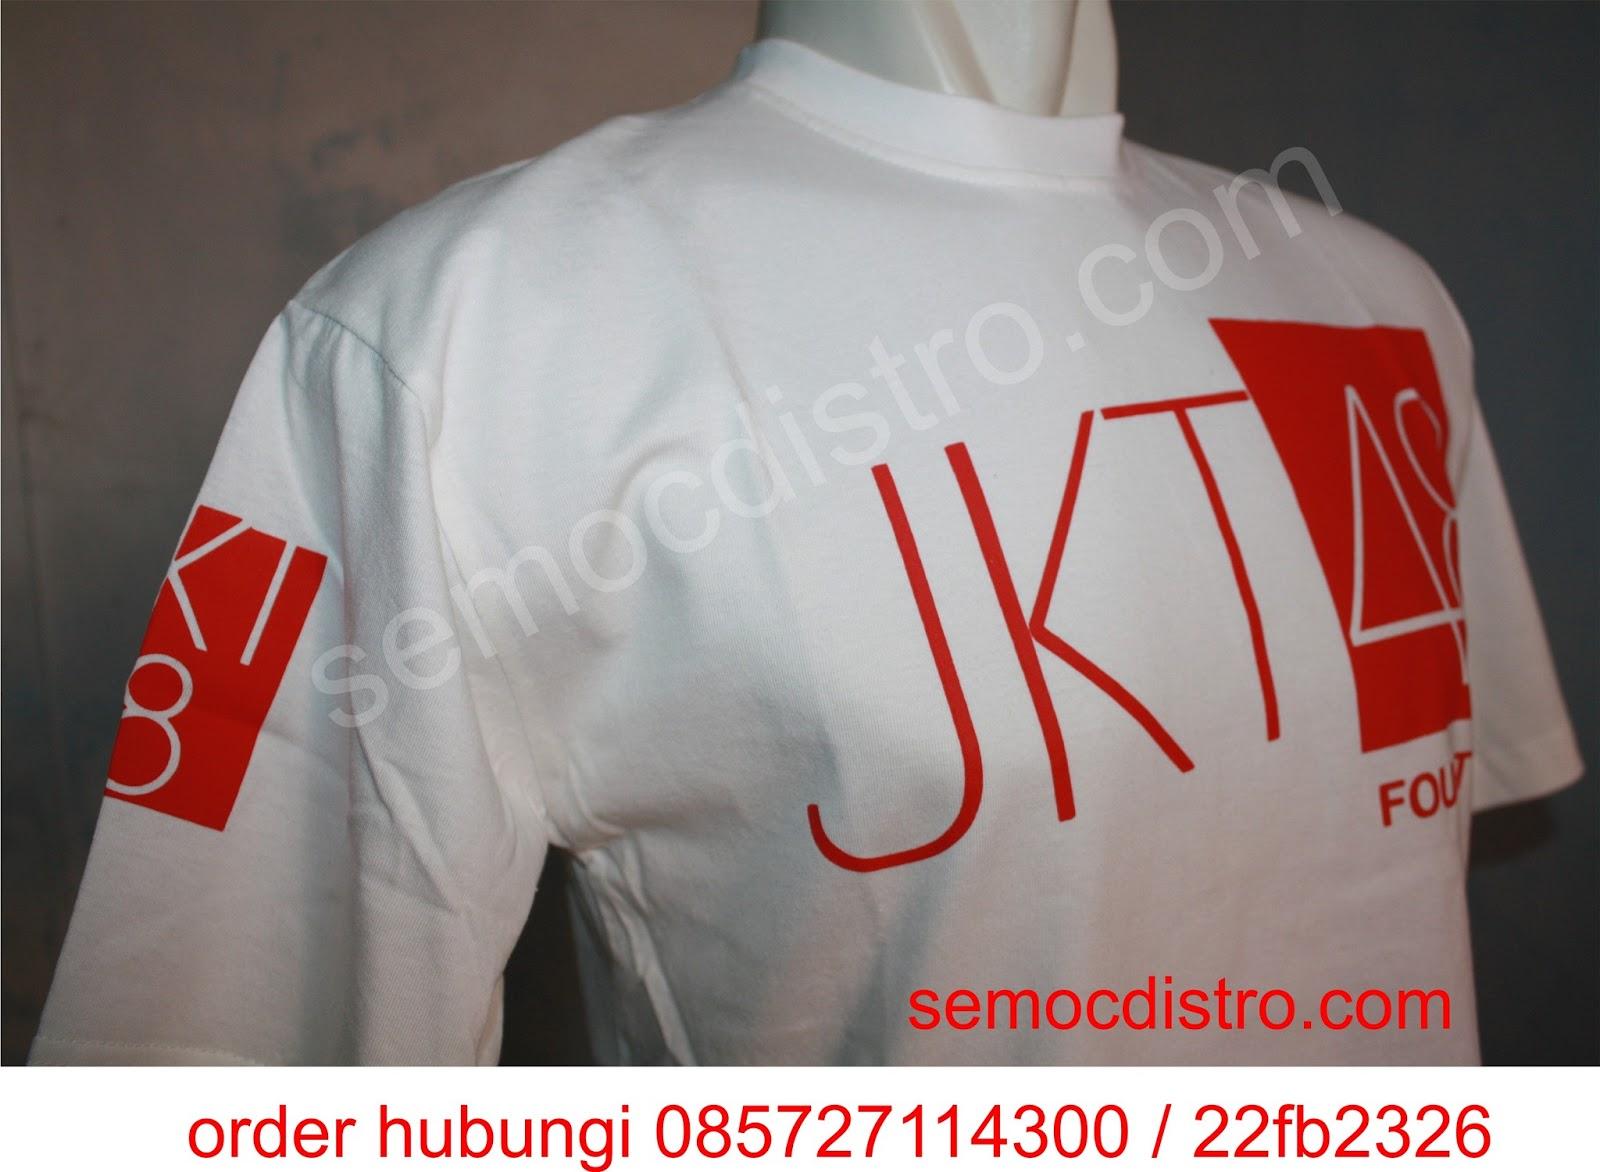 Desain t shirt jkt48 - Desain T Shirt Jkt48 T Shirt Jkt48 Putih 48